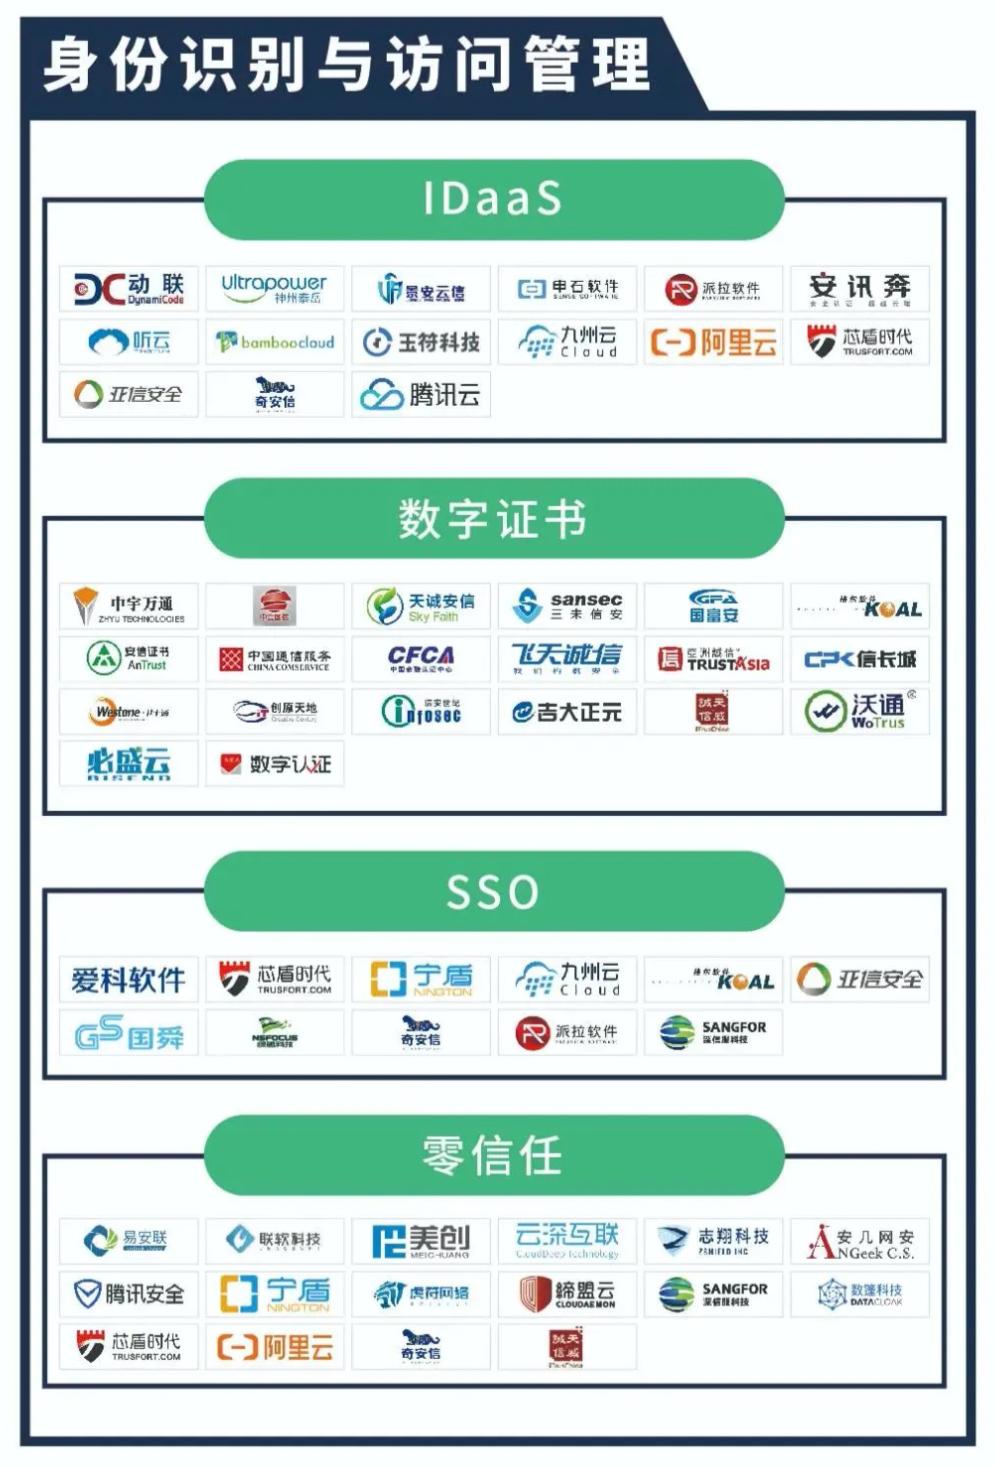 天威诚信入选《2020中国网络安全产业全景图》两大安全领域